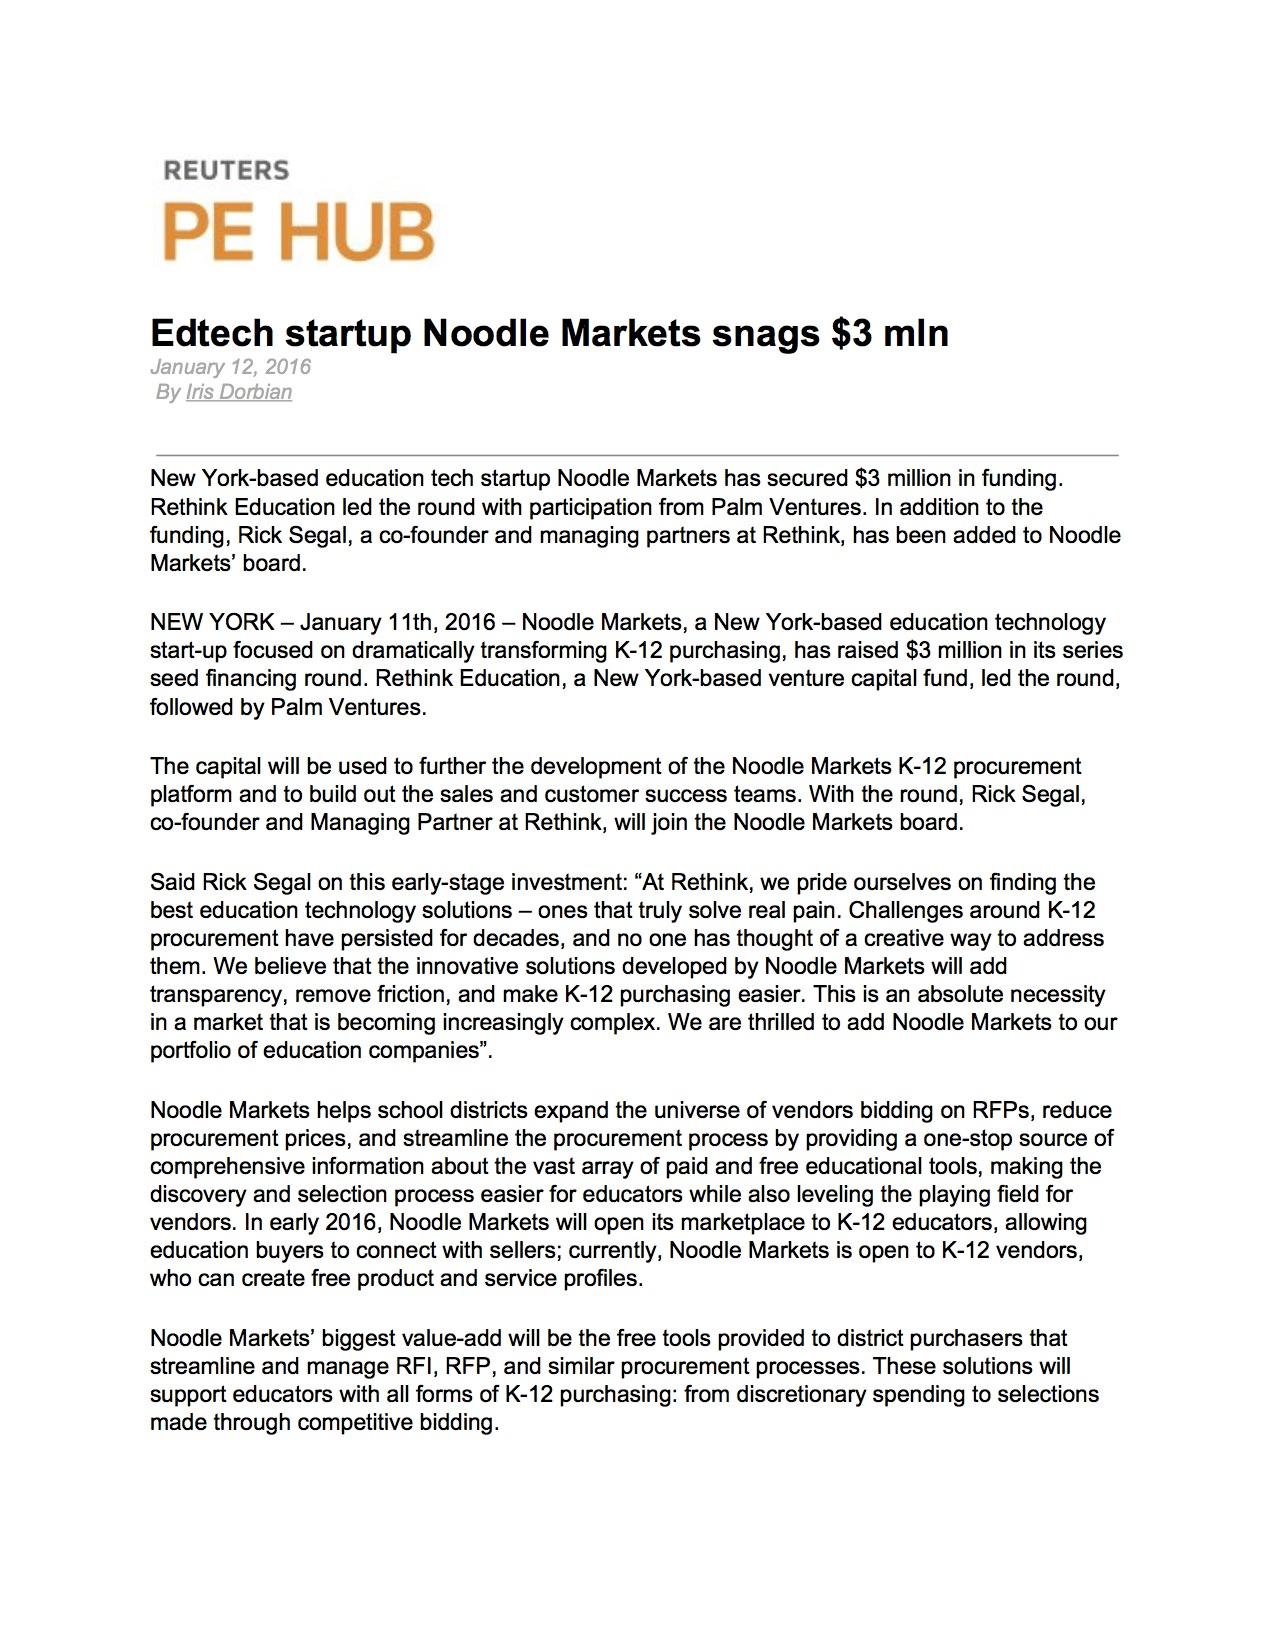 Funding: Noodle Markets, Reuters PE Hub